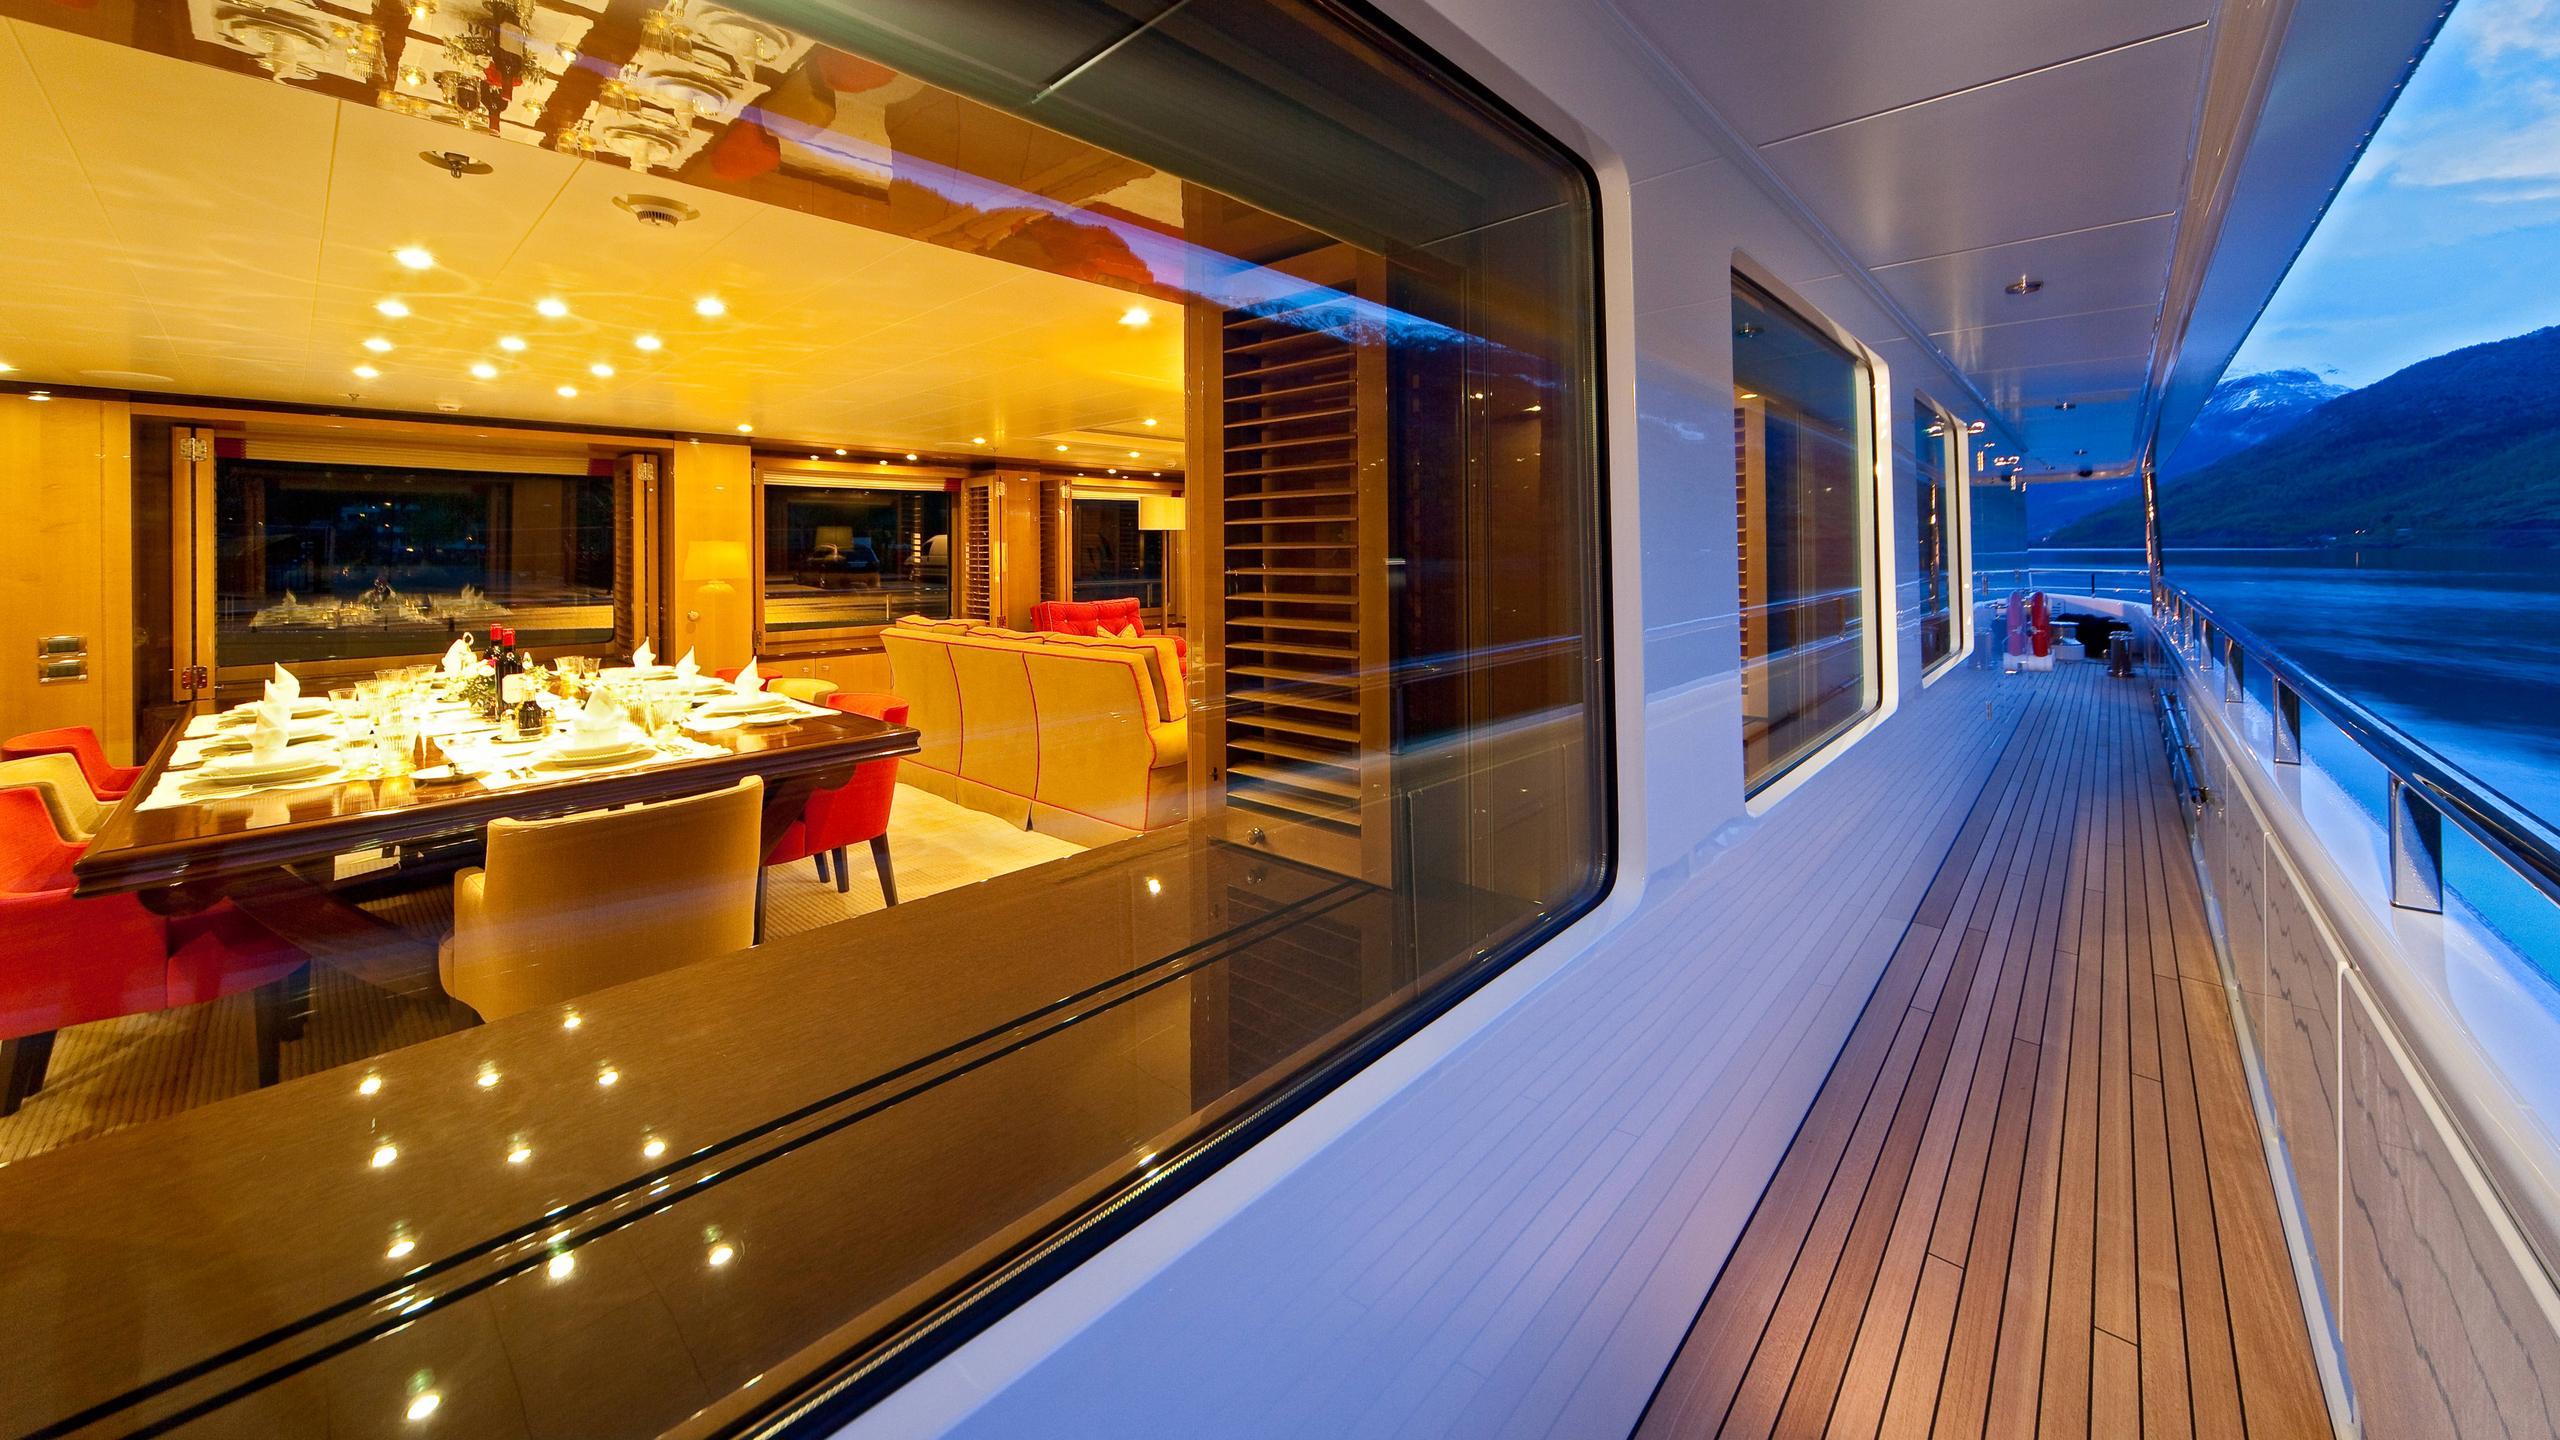 april-motor-yacht-amels-le-171-2010-52m-companion-way